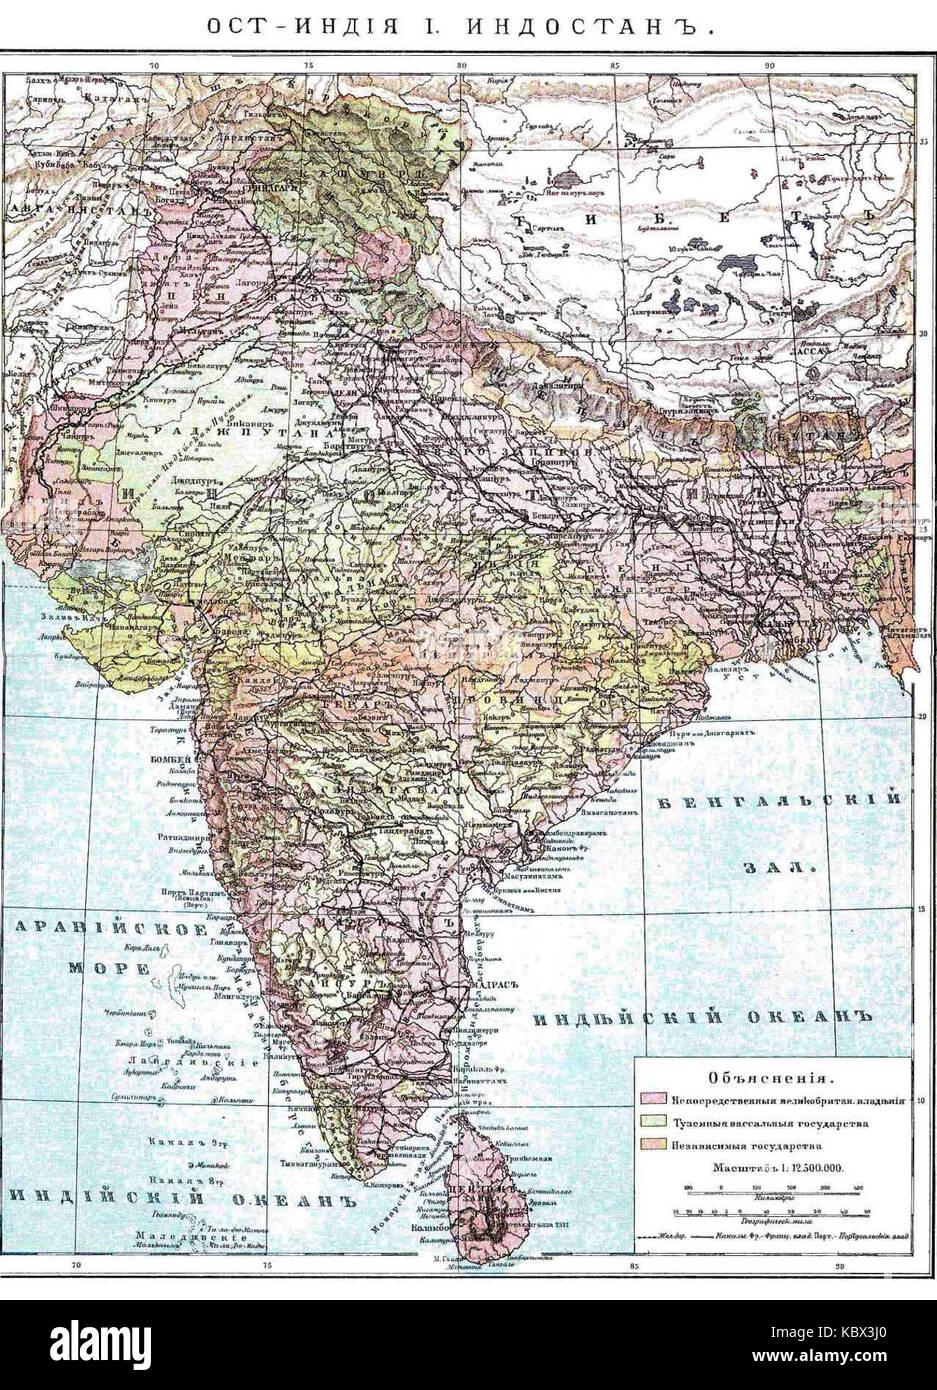 India Map 1900 Stock Photos India Map 1900 Stock Images Alamy